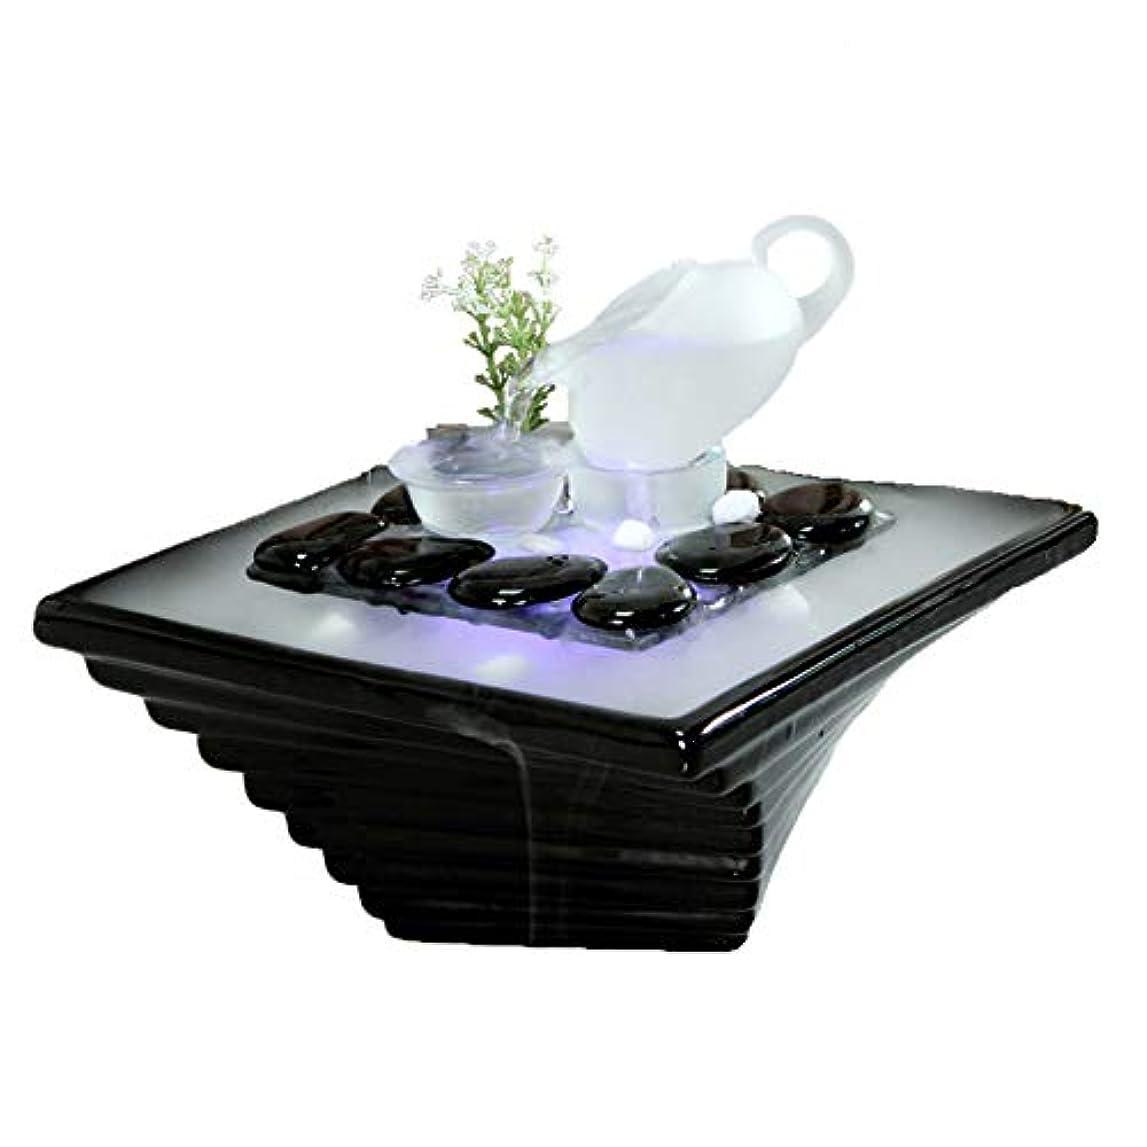 シロナガスクジラさびた遺産エッセンシャルオイルディフューザー空気加湿器セラミッククラフトクリエイティブホームデスクトップ装飾アロマセラピー絶妙なギフト,Black